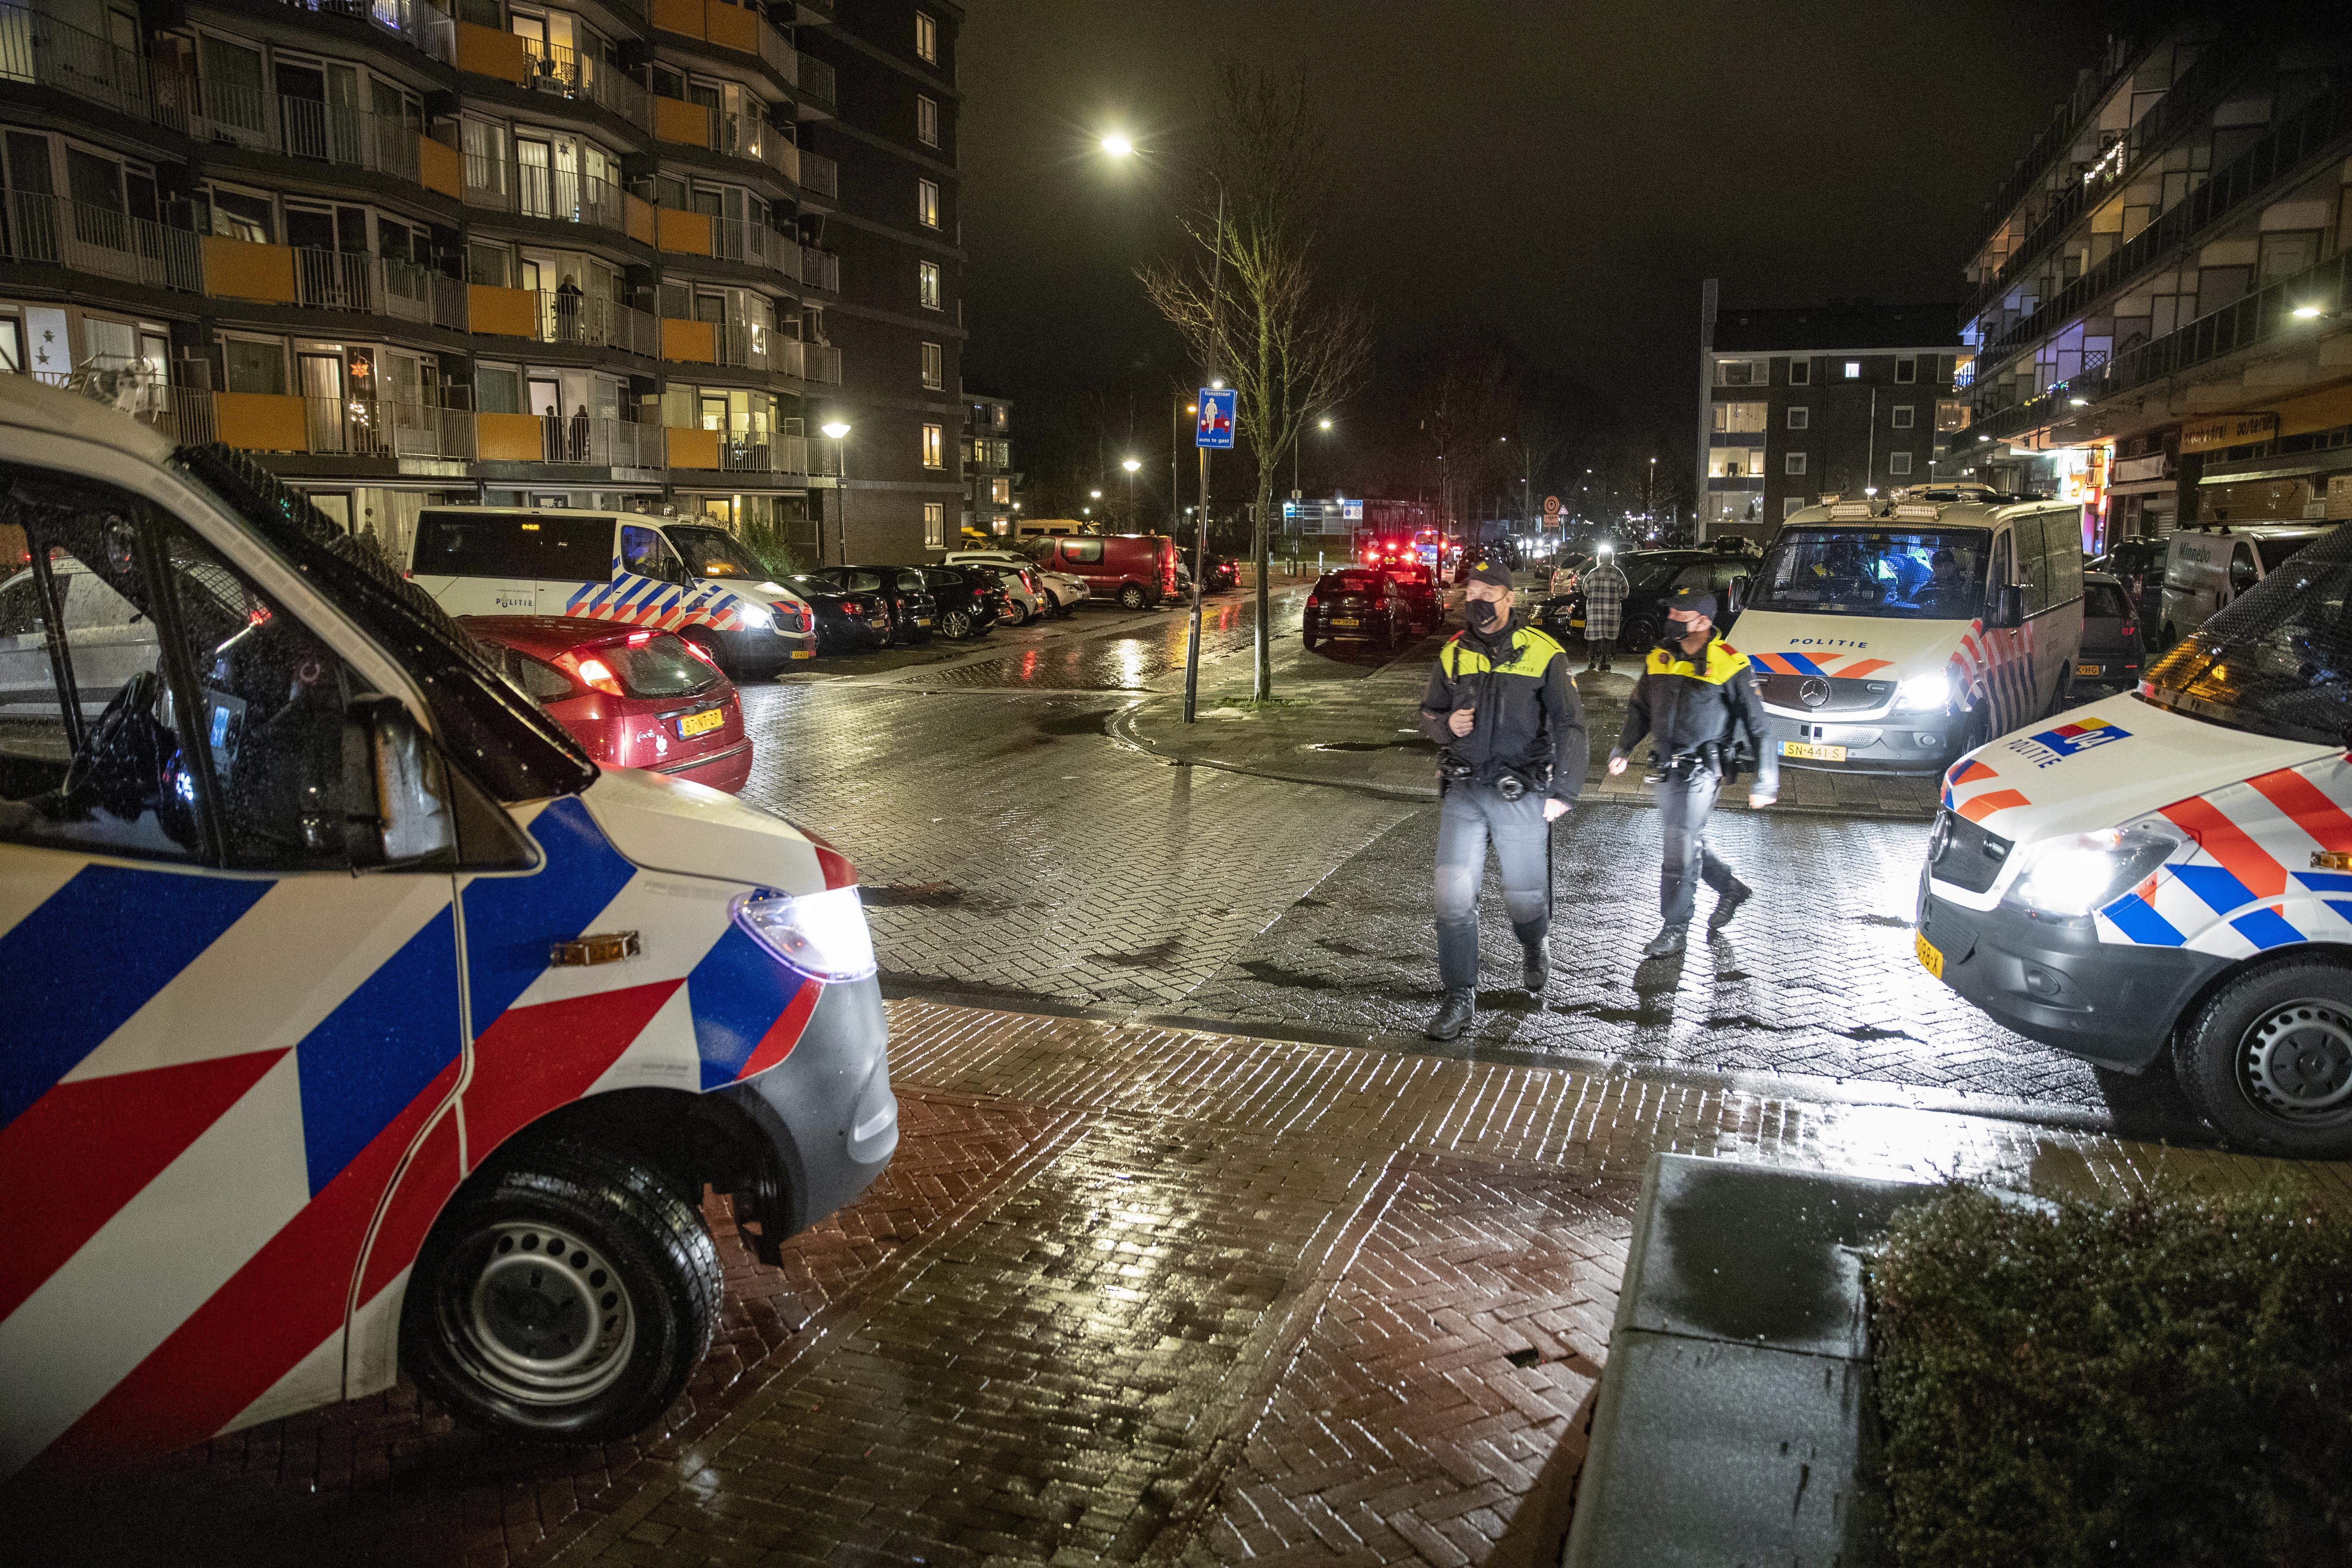 Oproep tot avondklokprotest bij Europaplein in Heemskerk; weer actie aangekondigd op sociale media. 'Politie goed voorbereid'